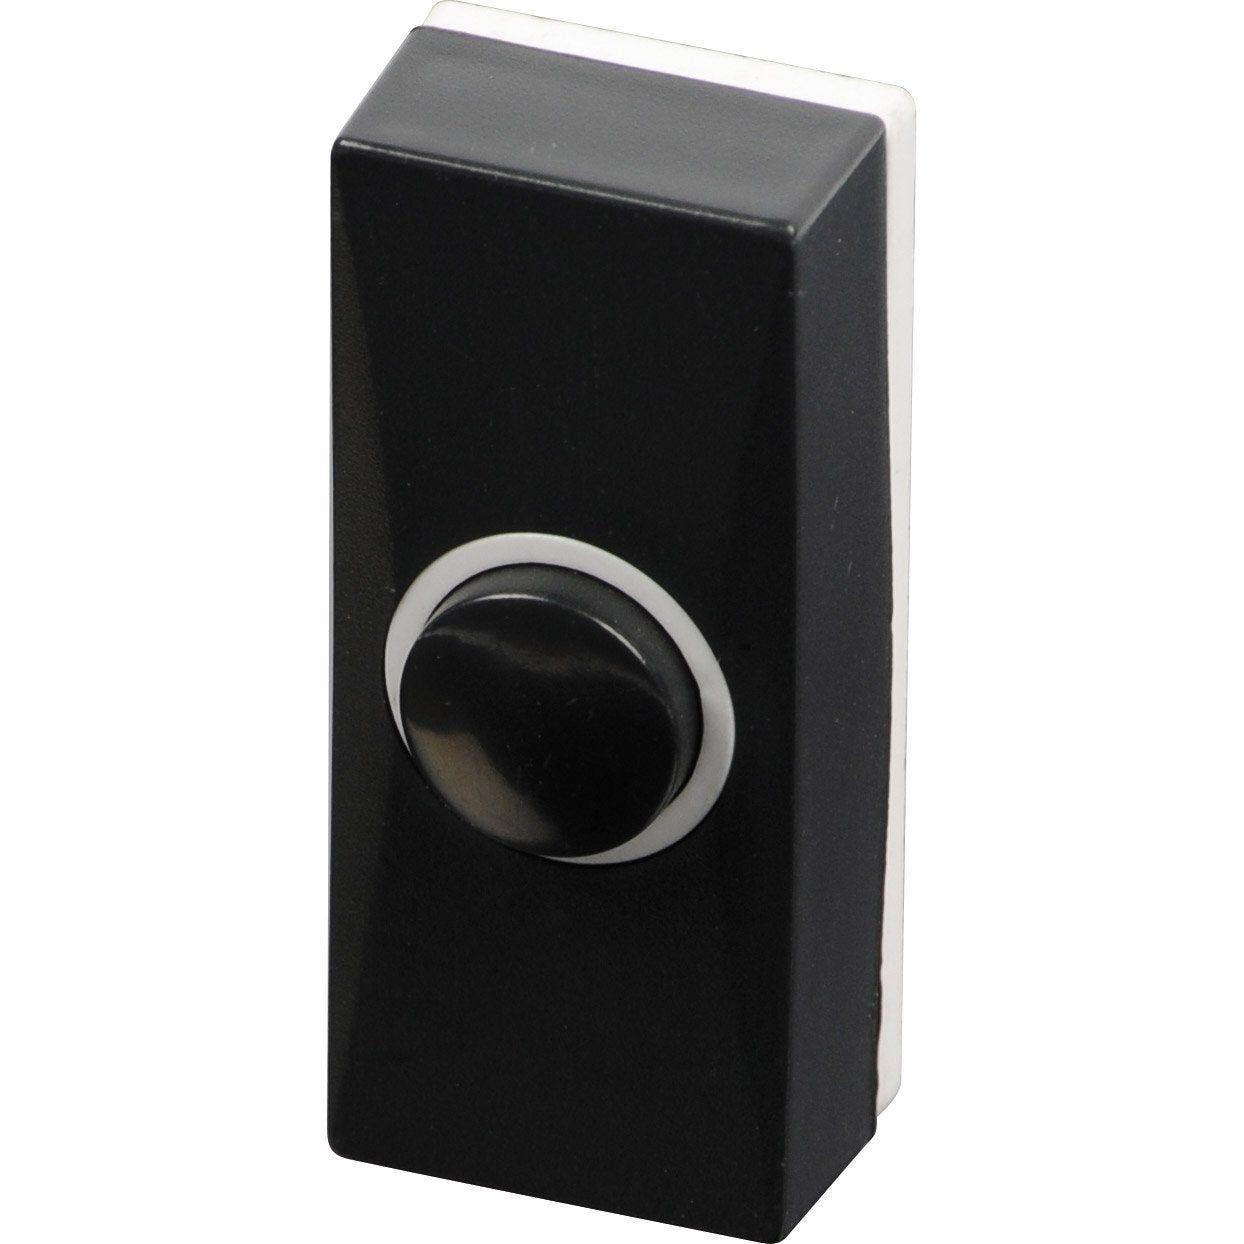 Bouton De Sonnette Filaire Noir Scs Sentinel Bouton De